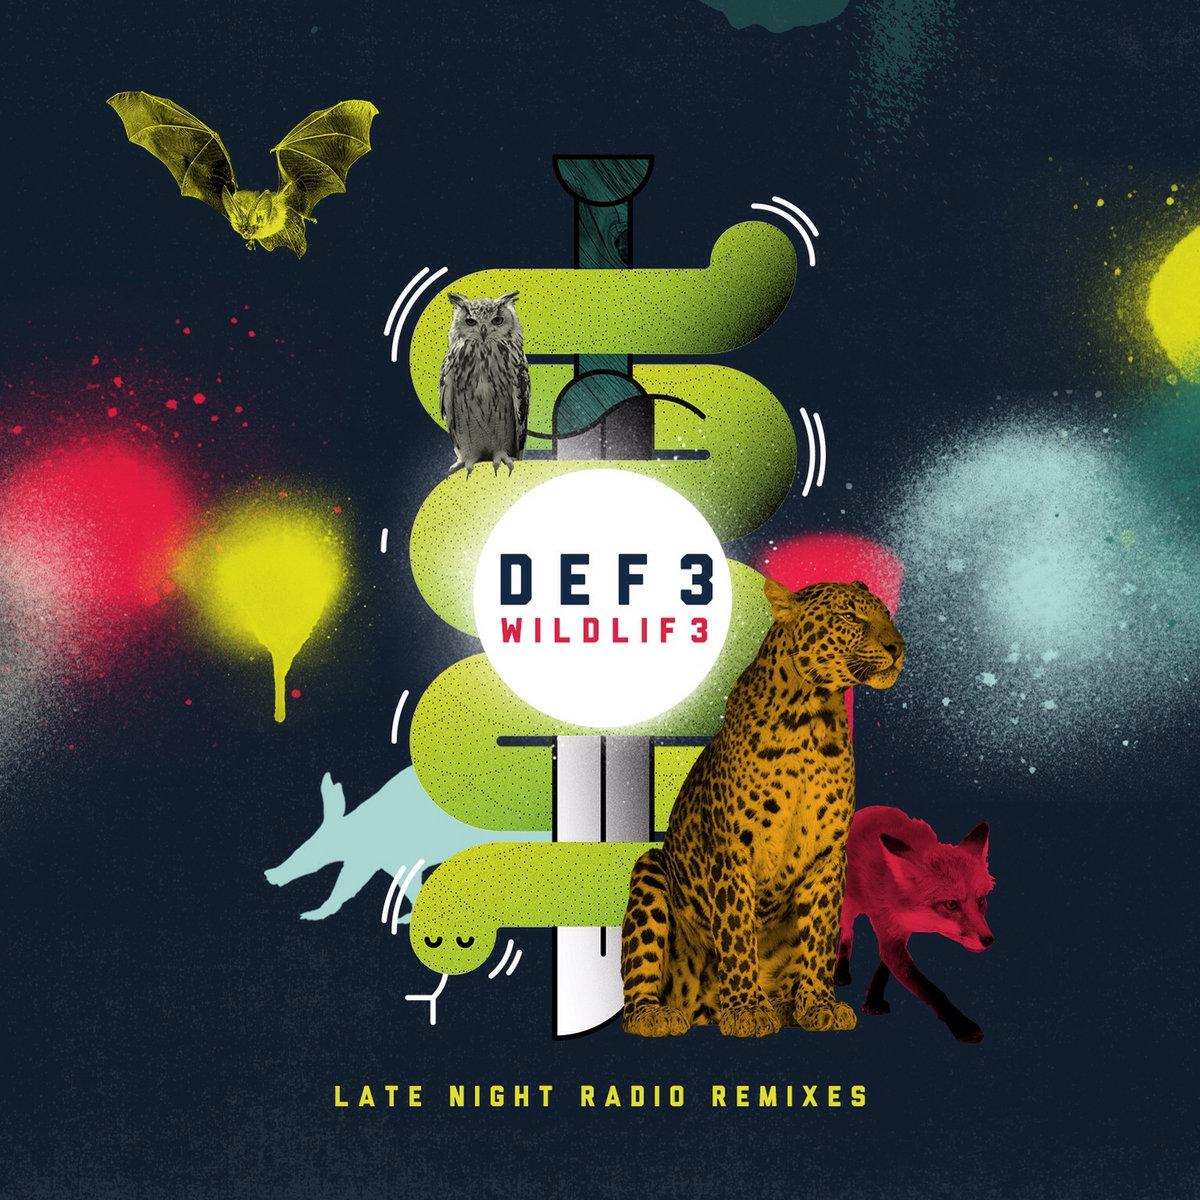 Def3 - Wildlife Remixes